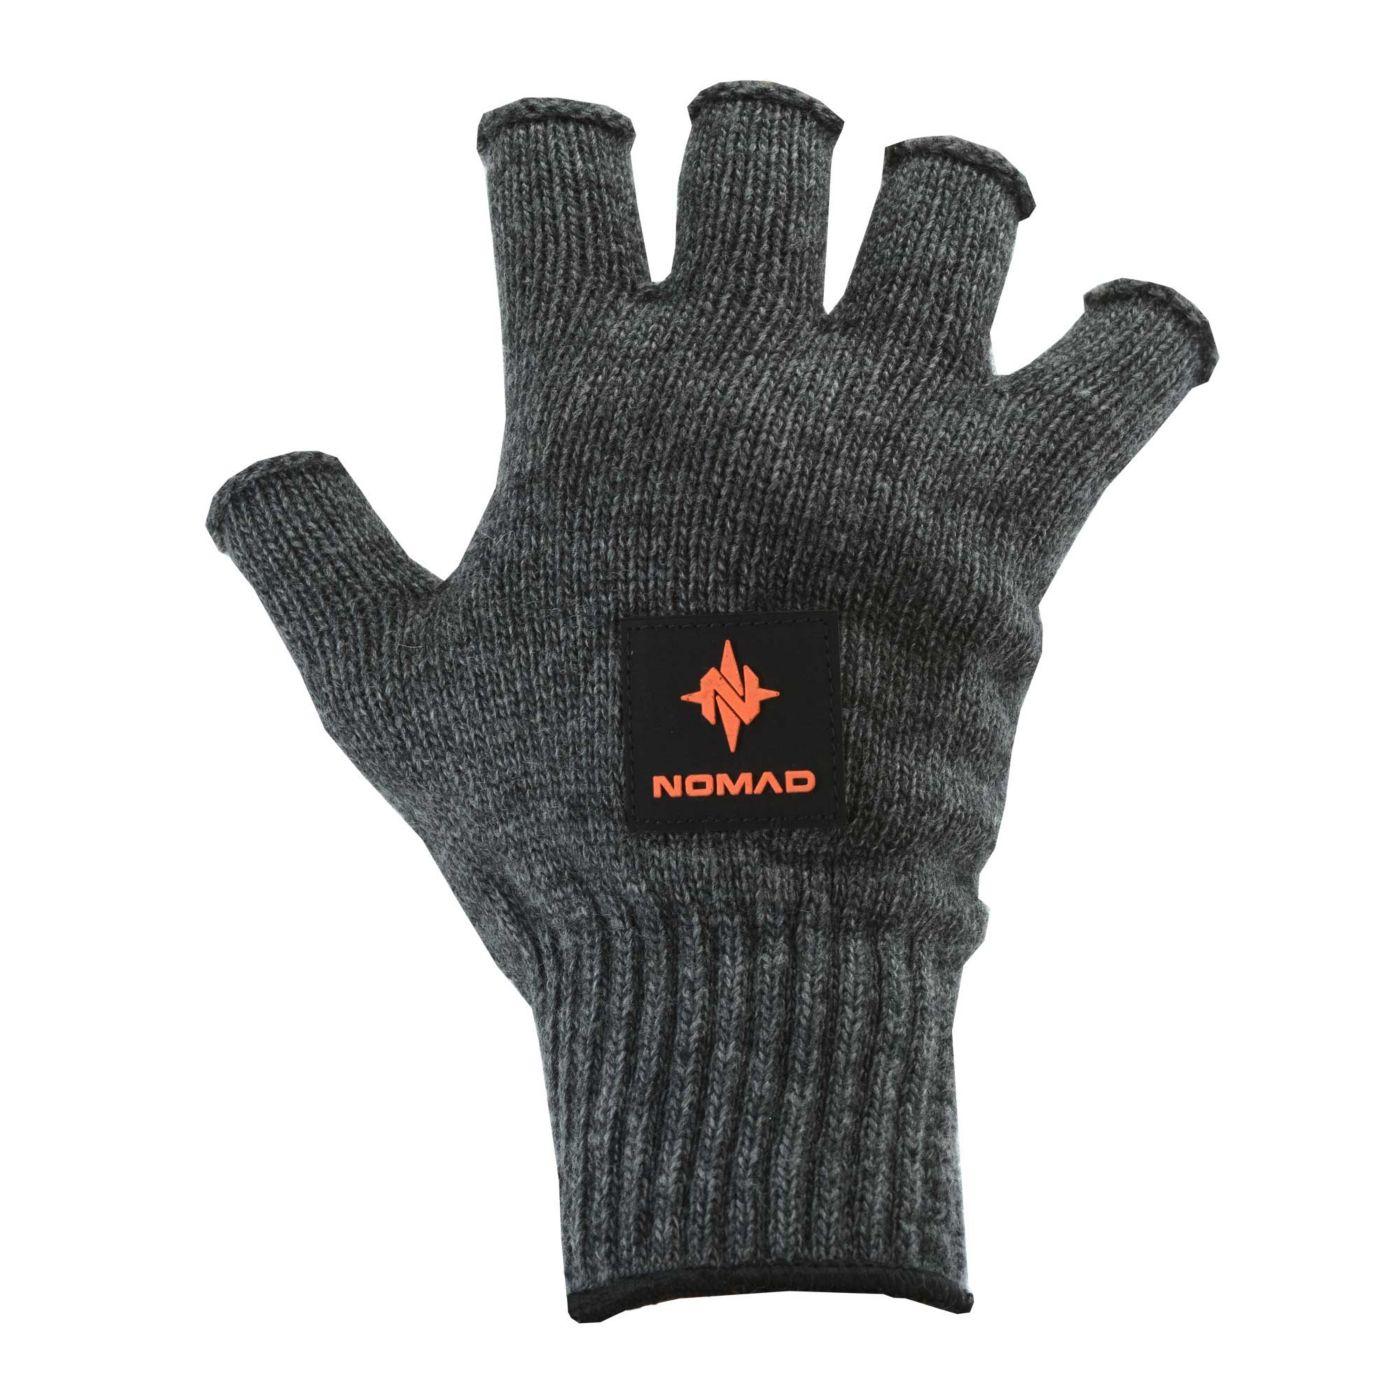 Nomad Hobo Gloves